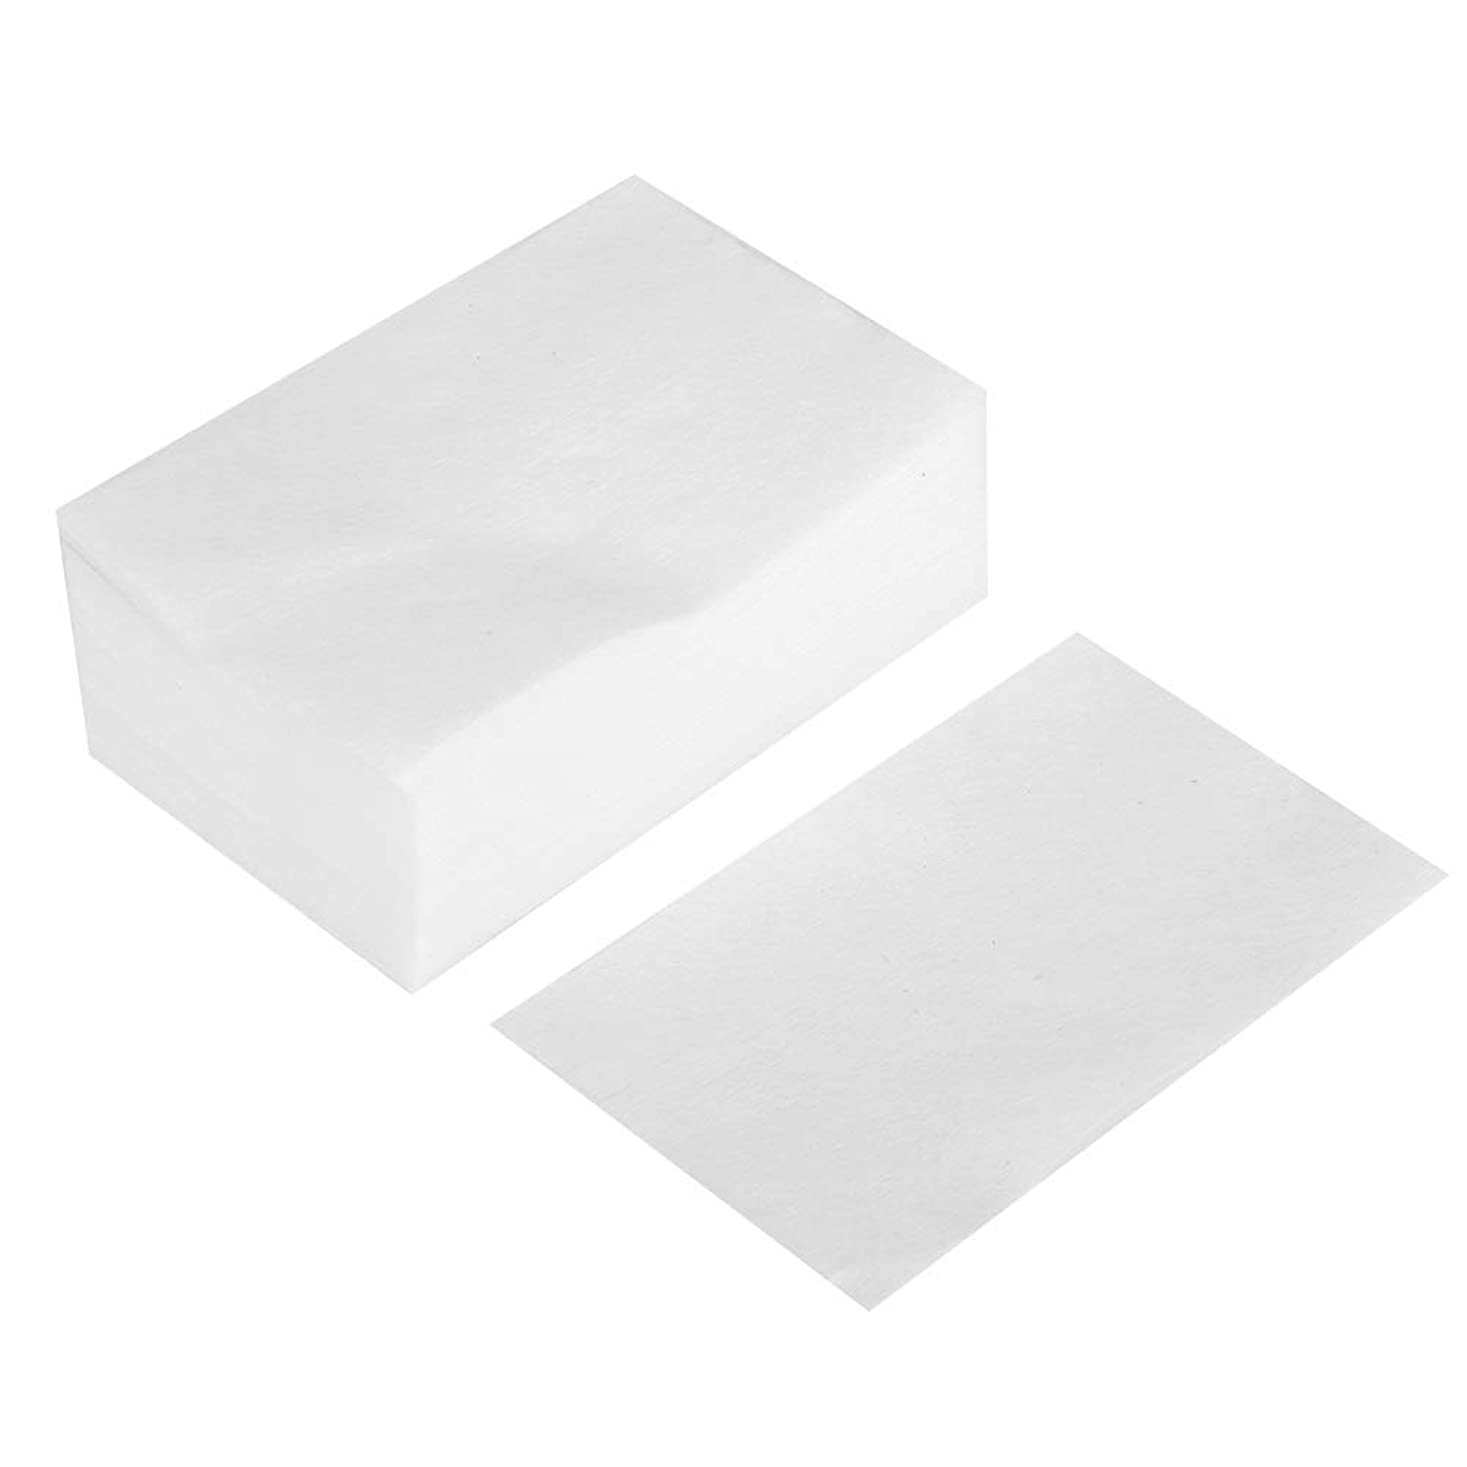 マウントバンクデザイナープーノメイク落とし - 100個/箱使い捨てメイクアップコットンパッド化粧品リムーバークリーニングワイプ